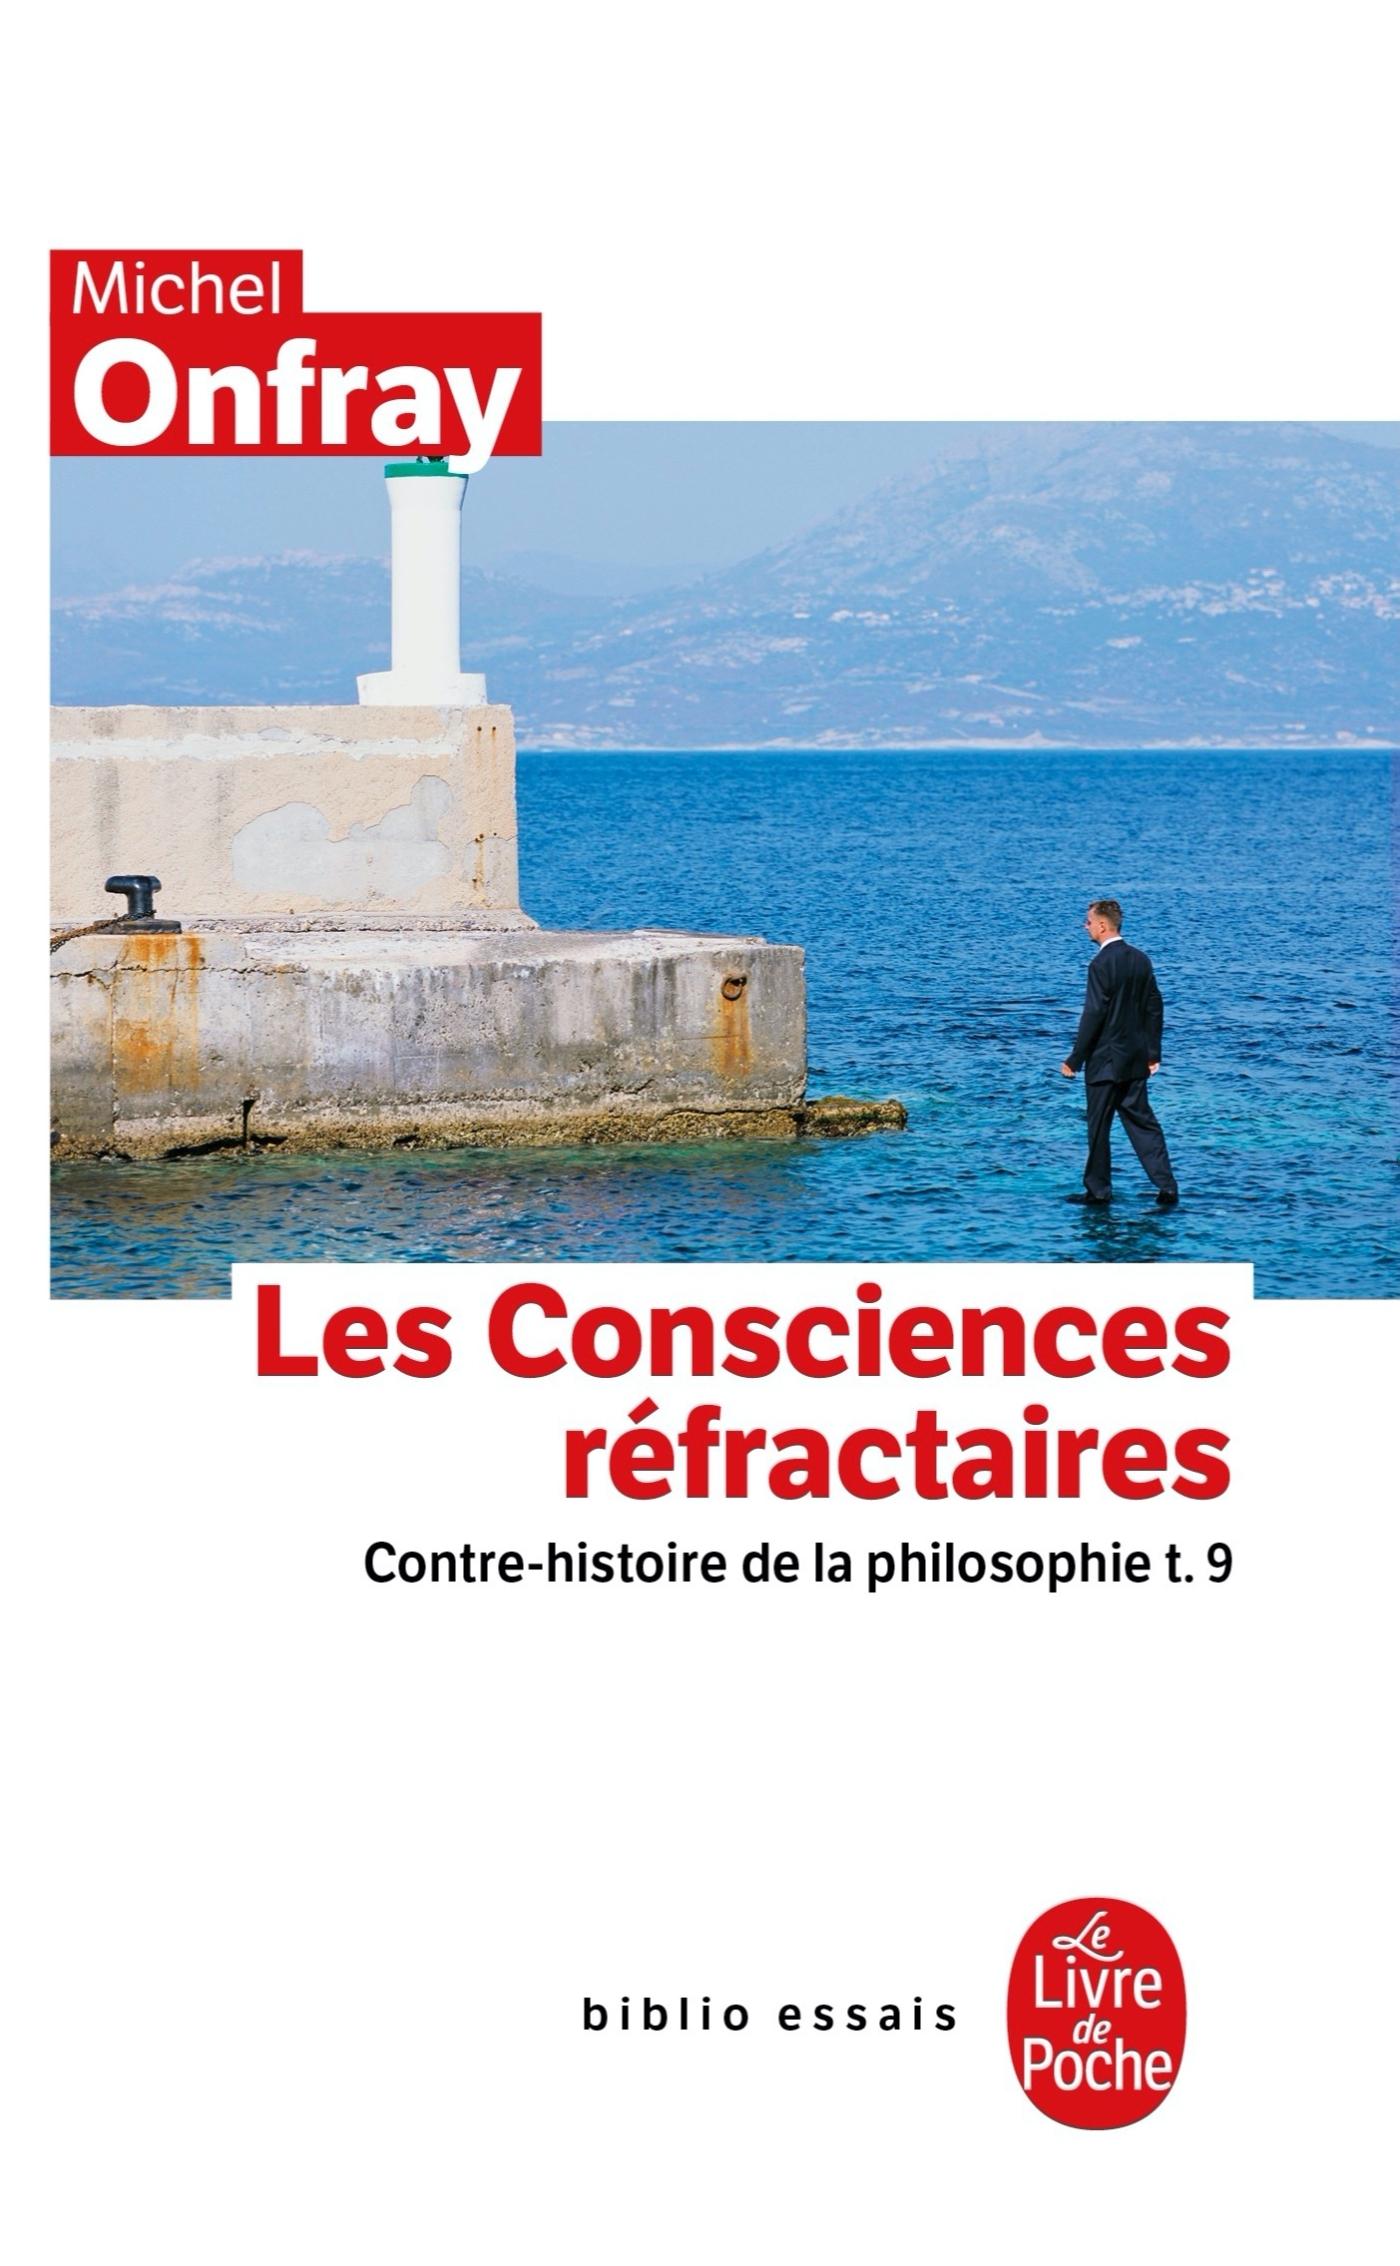 CONTRE-HISTOIRE DE LA PHILOSOPHIE TOME 9 : LES CONSCIENCES REFRACTAIRES